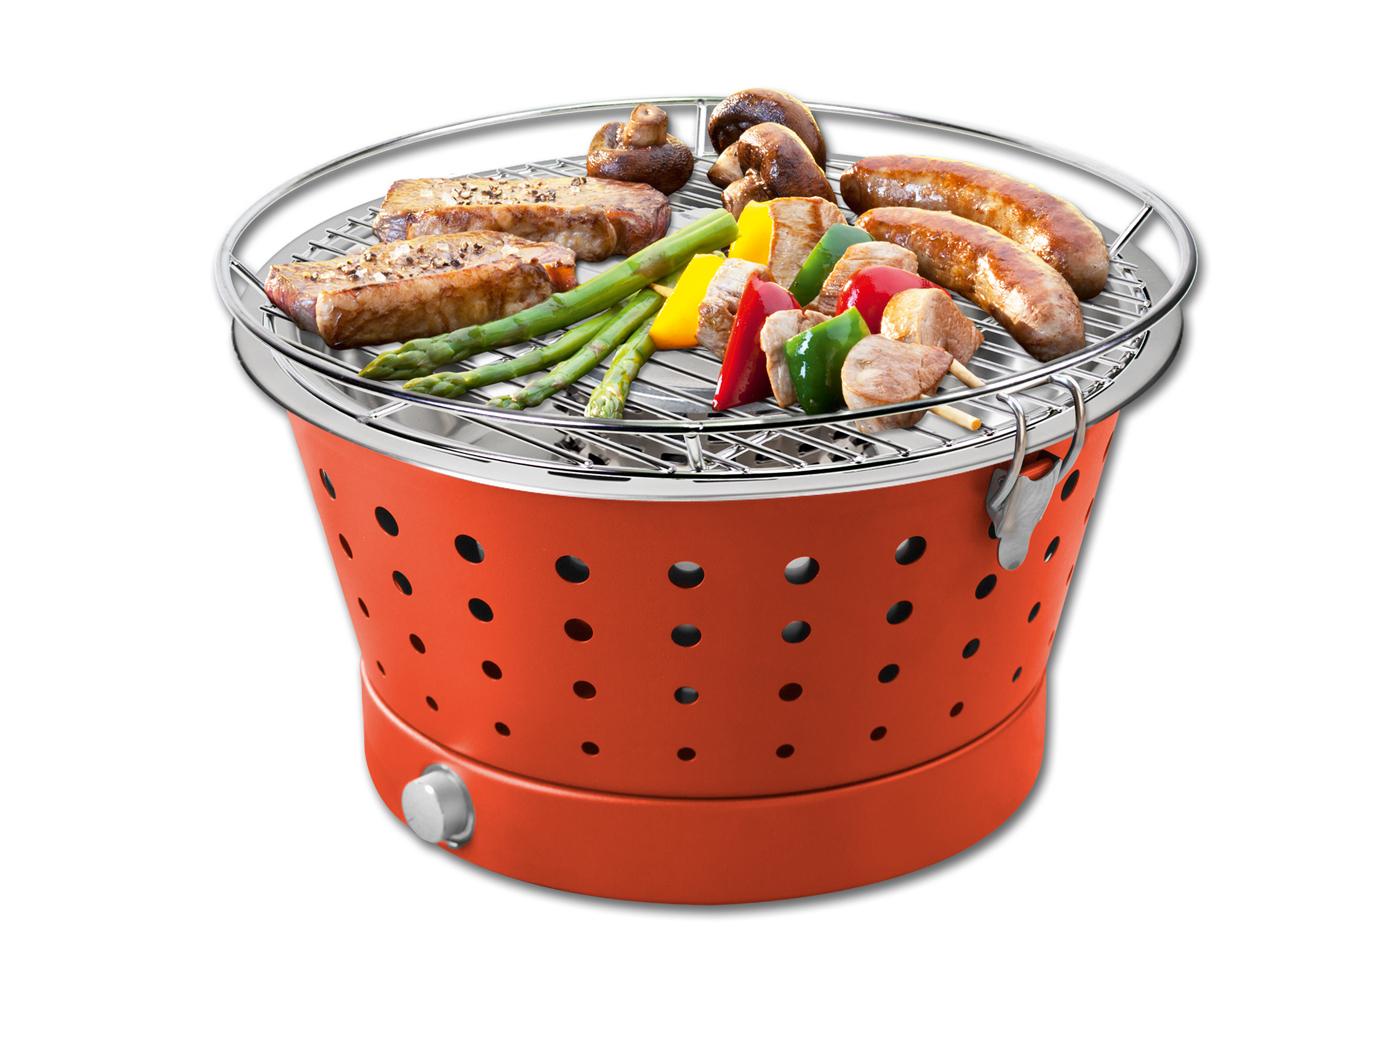 Florabest Holzkohlegrill Ikea : Grill rauchfrei smartstore